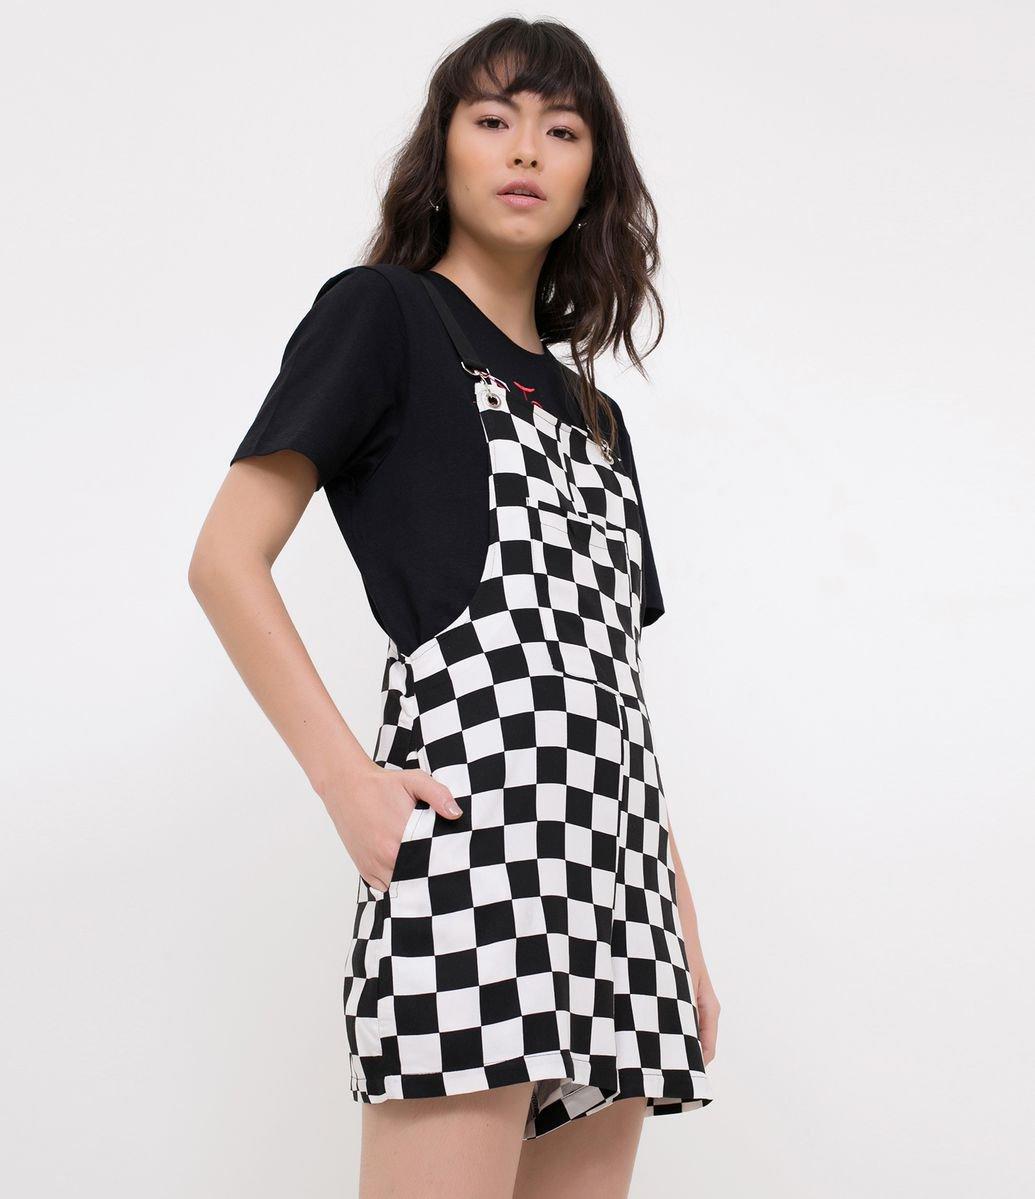 Detalhes. macacão feminino  Modelo curto  Xadrez racing  Com bolso frontal   Marca  Blue Steel  Tecido  viscose ... 7ea2551406e